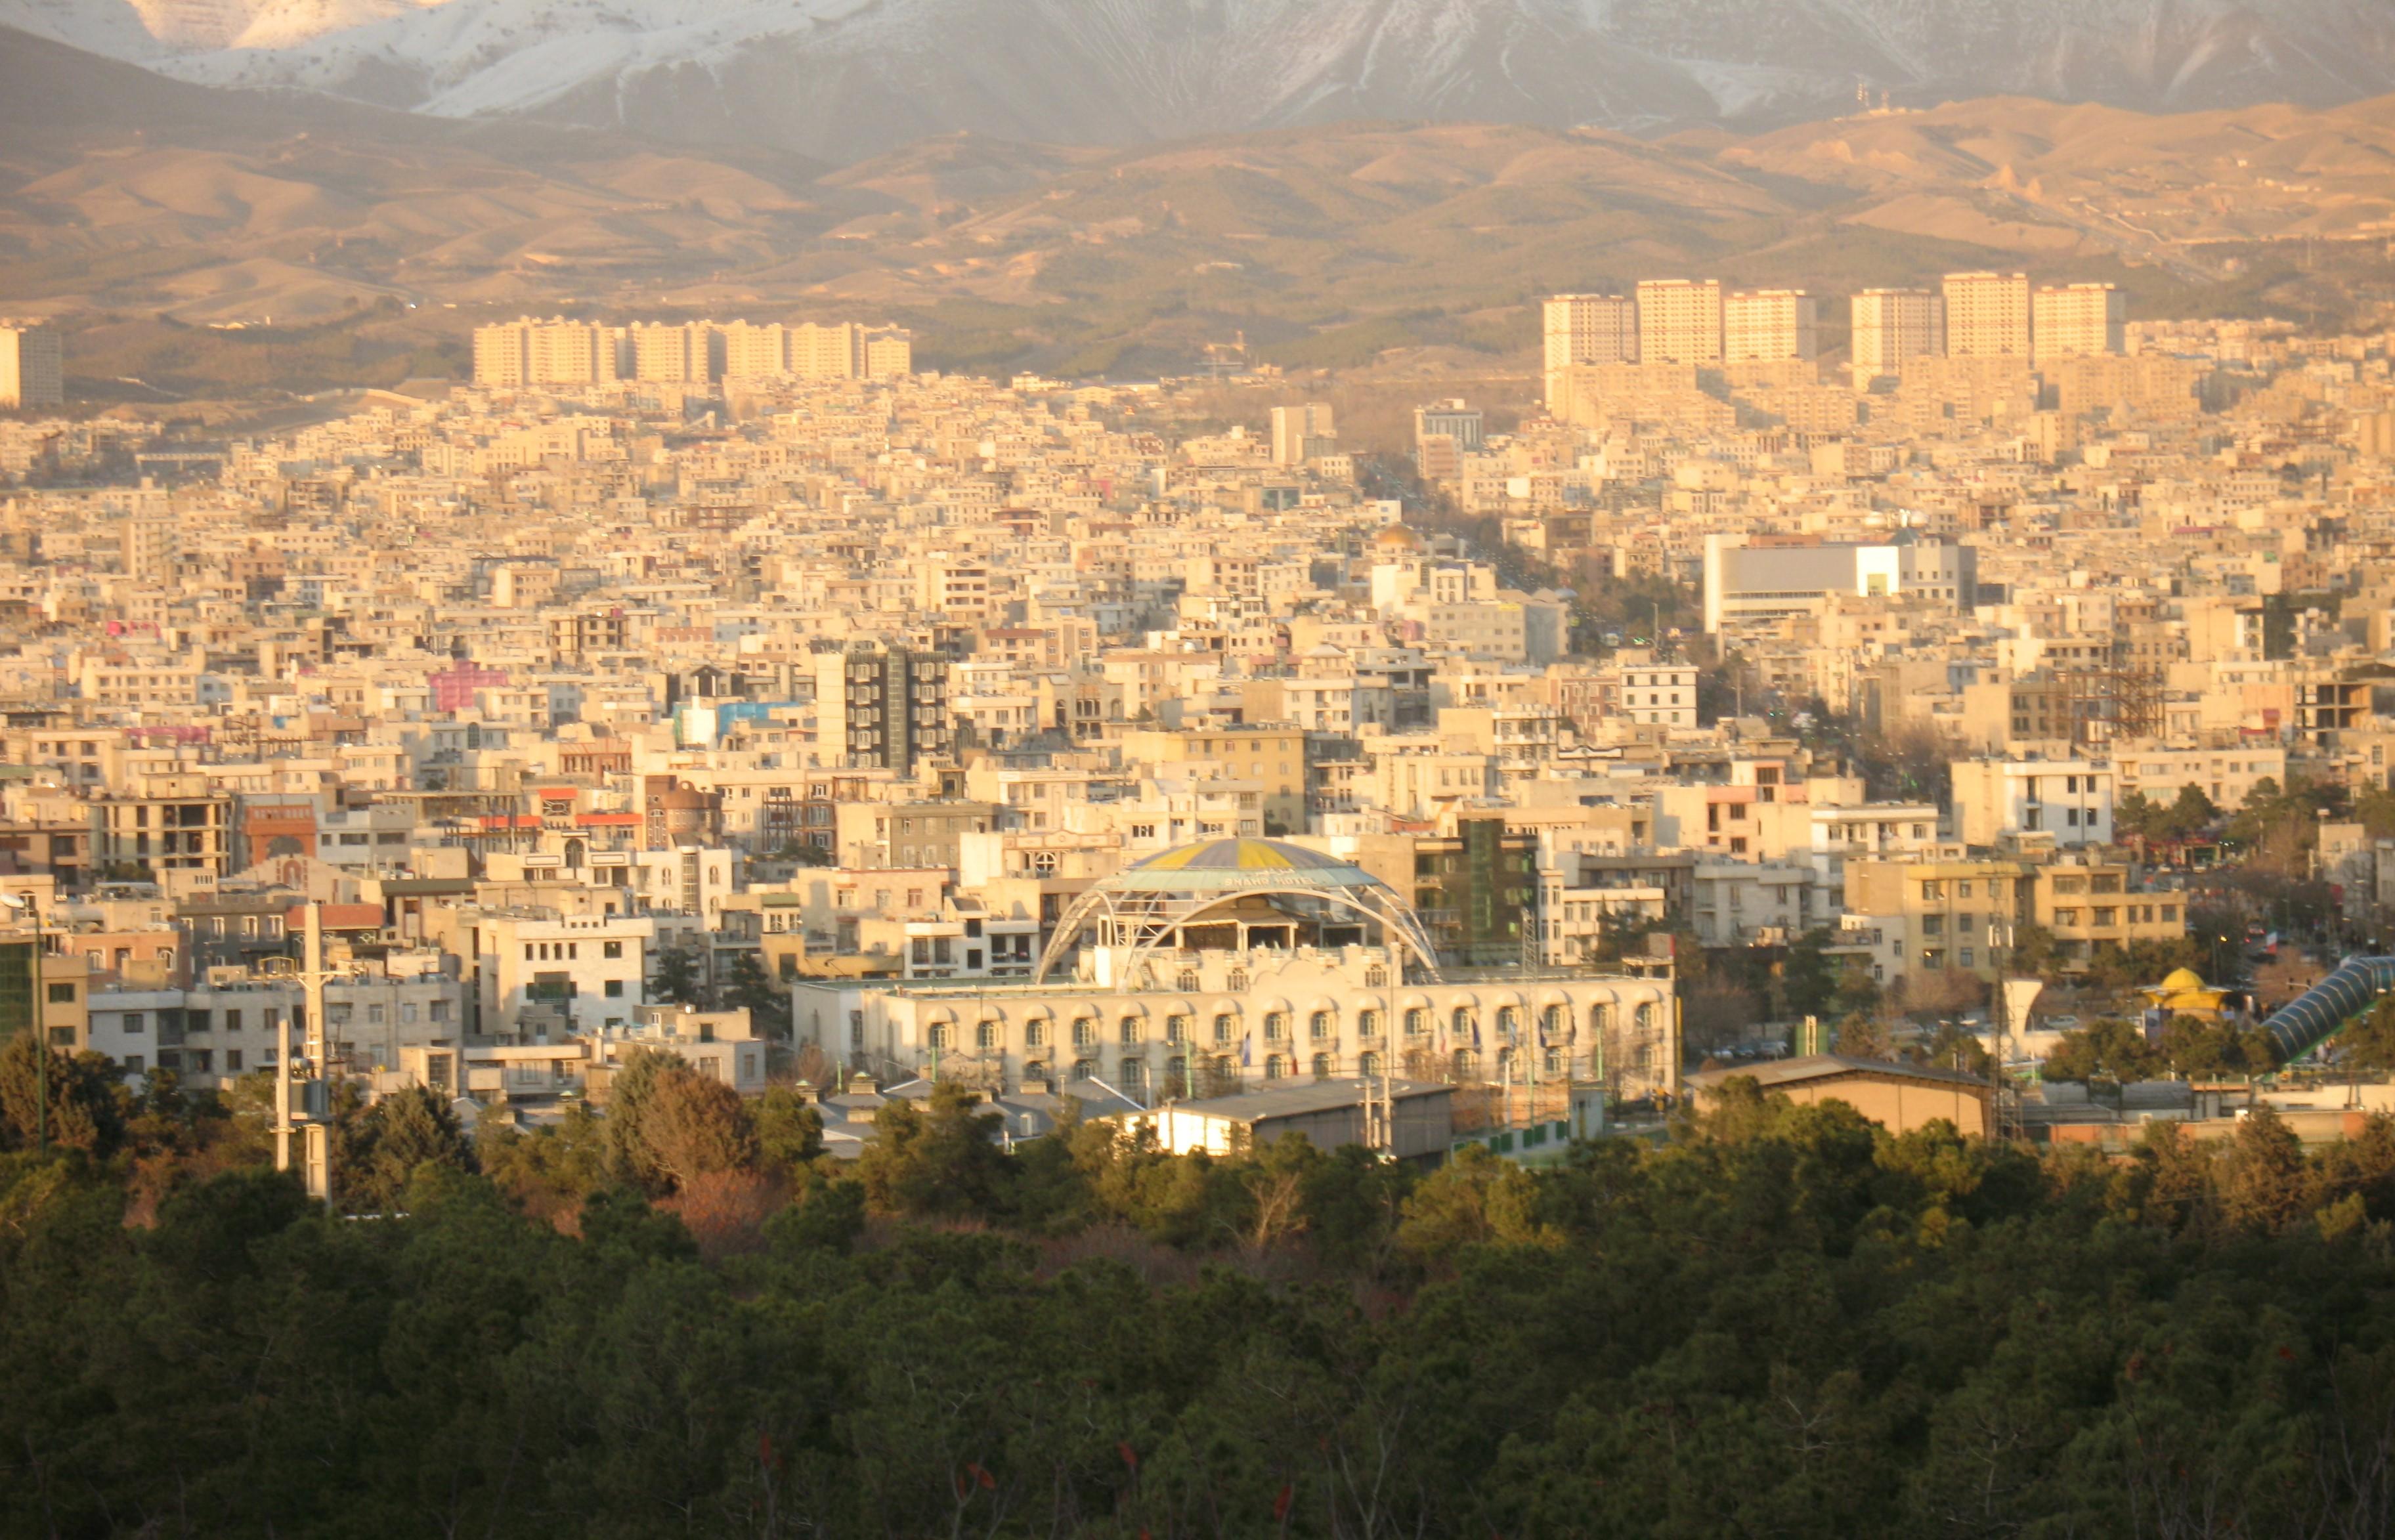 منطقه محبوب خانه اولیها  در پایتخت